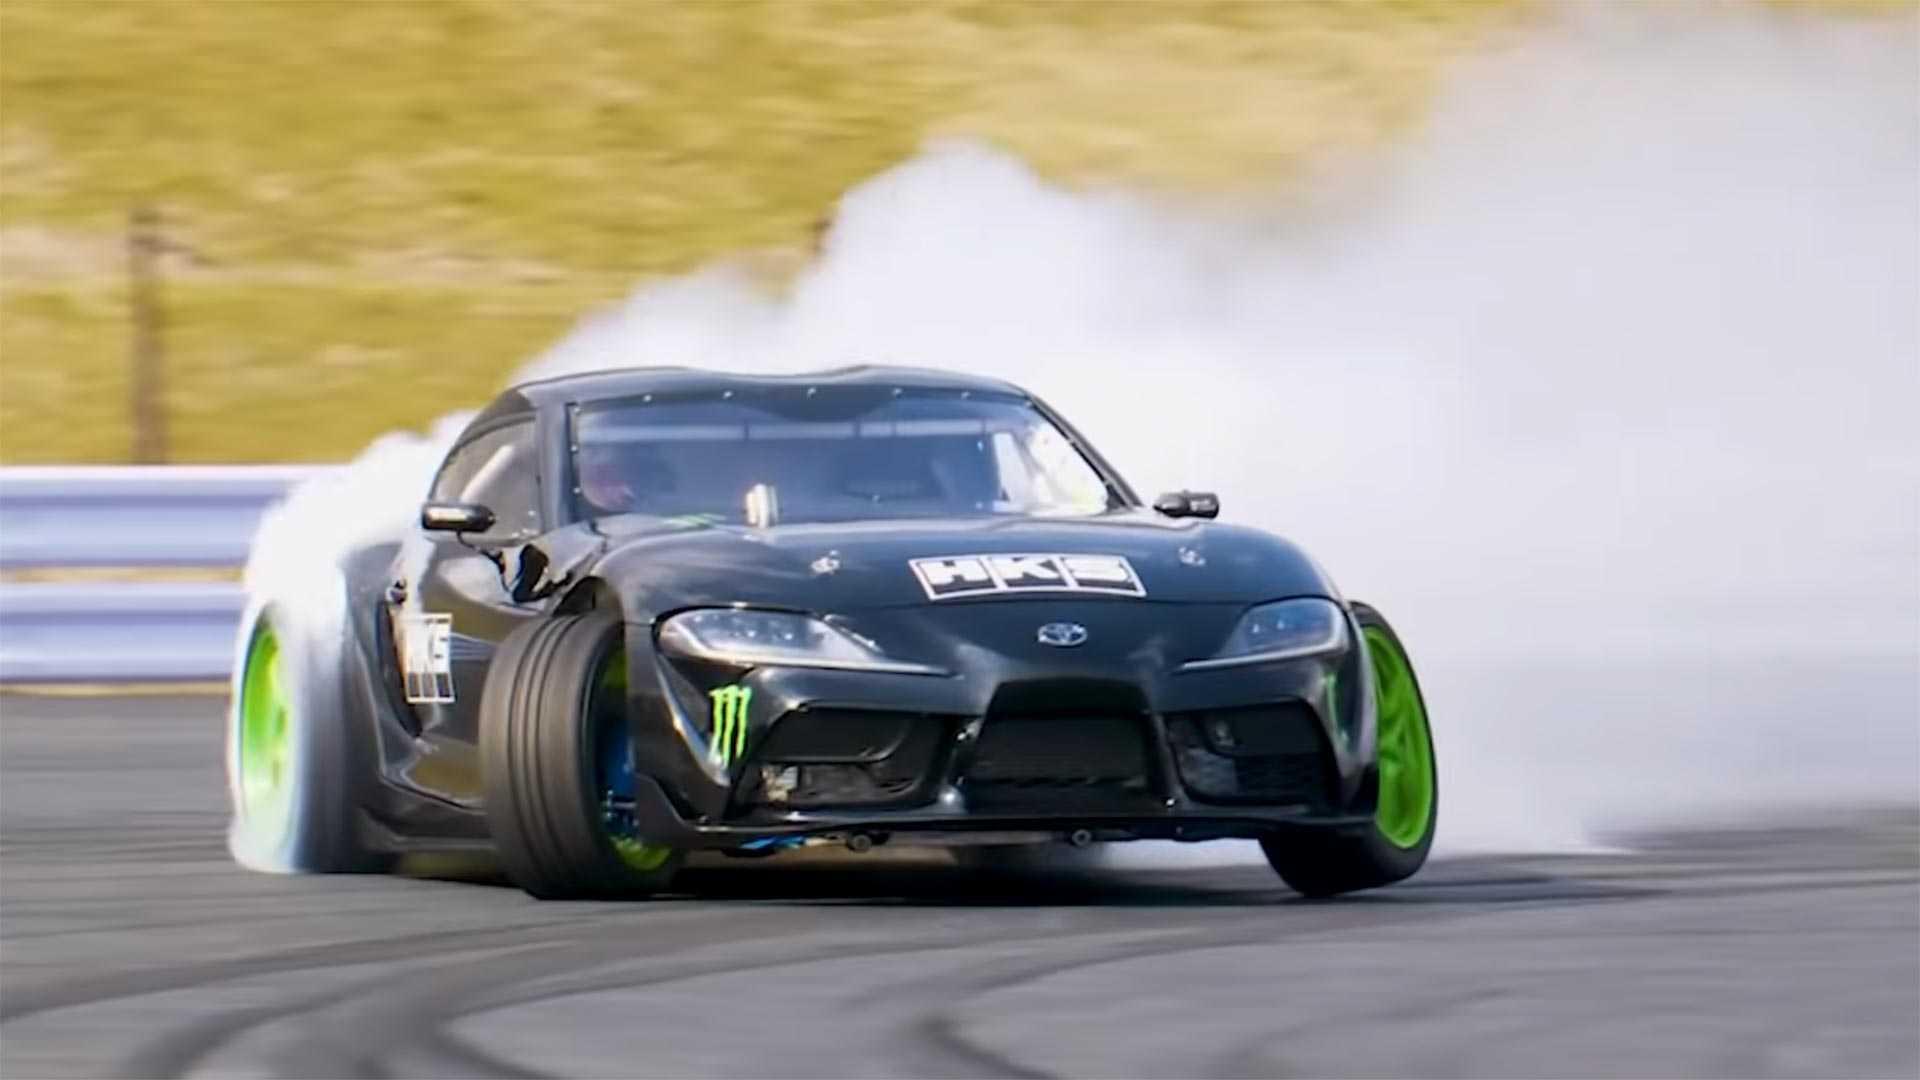 Vídeo: El primer Toyota Supra 2020 con swap a 2JZ-GTE es una máquina increíble de hacer humo